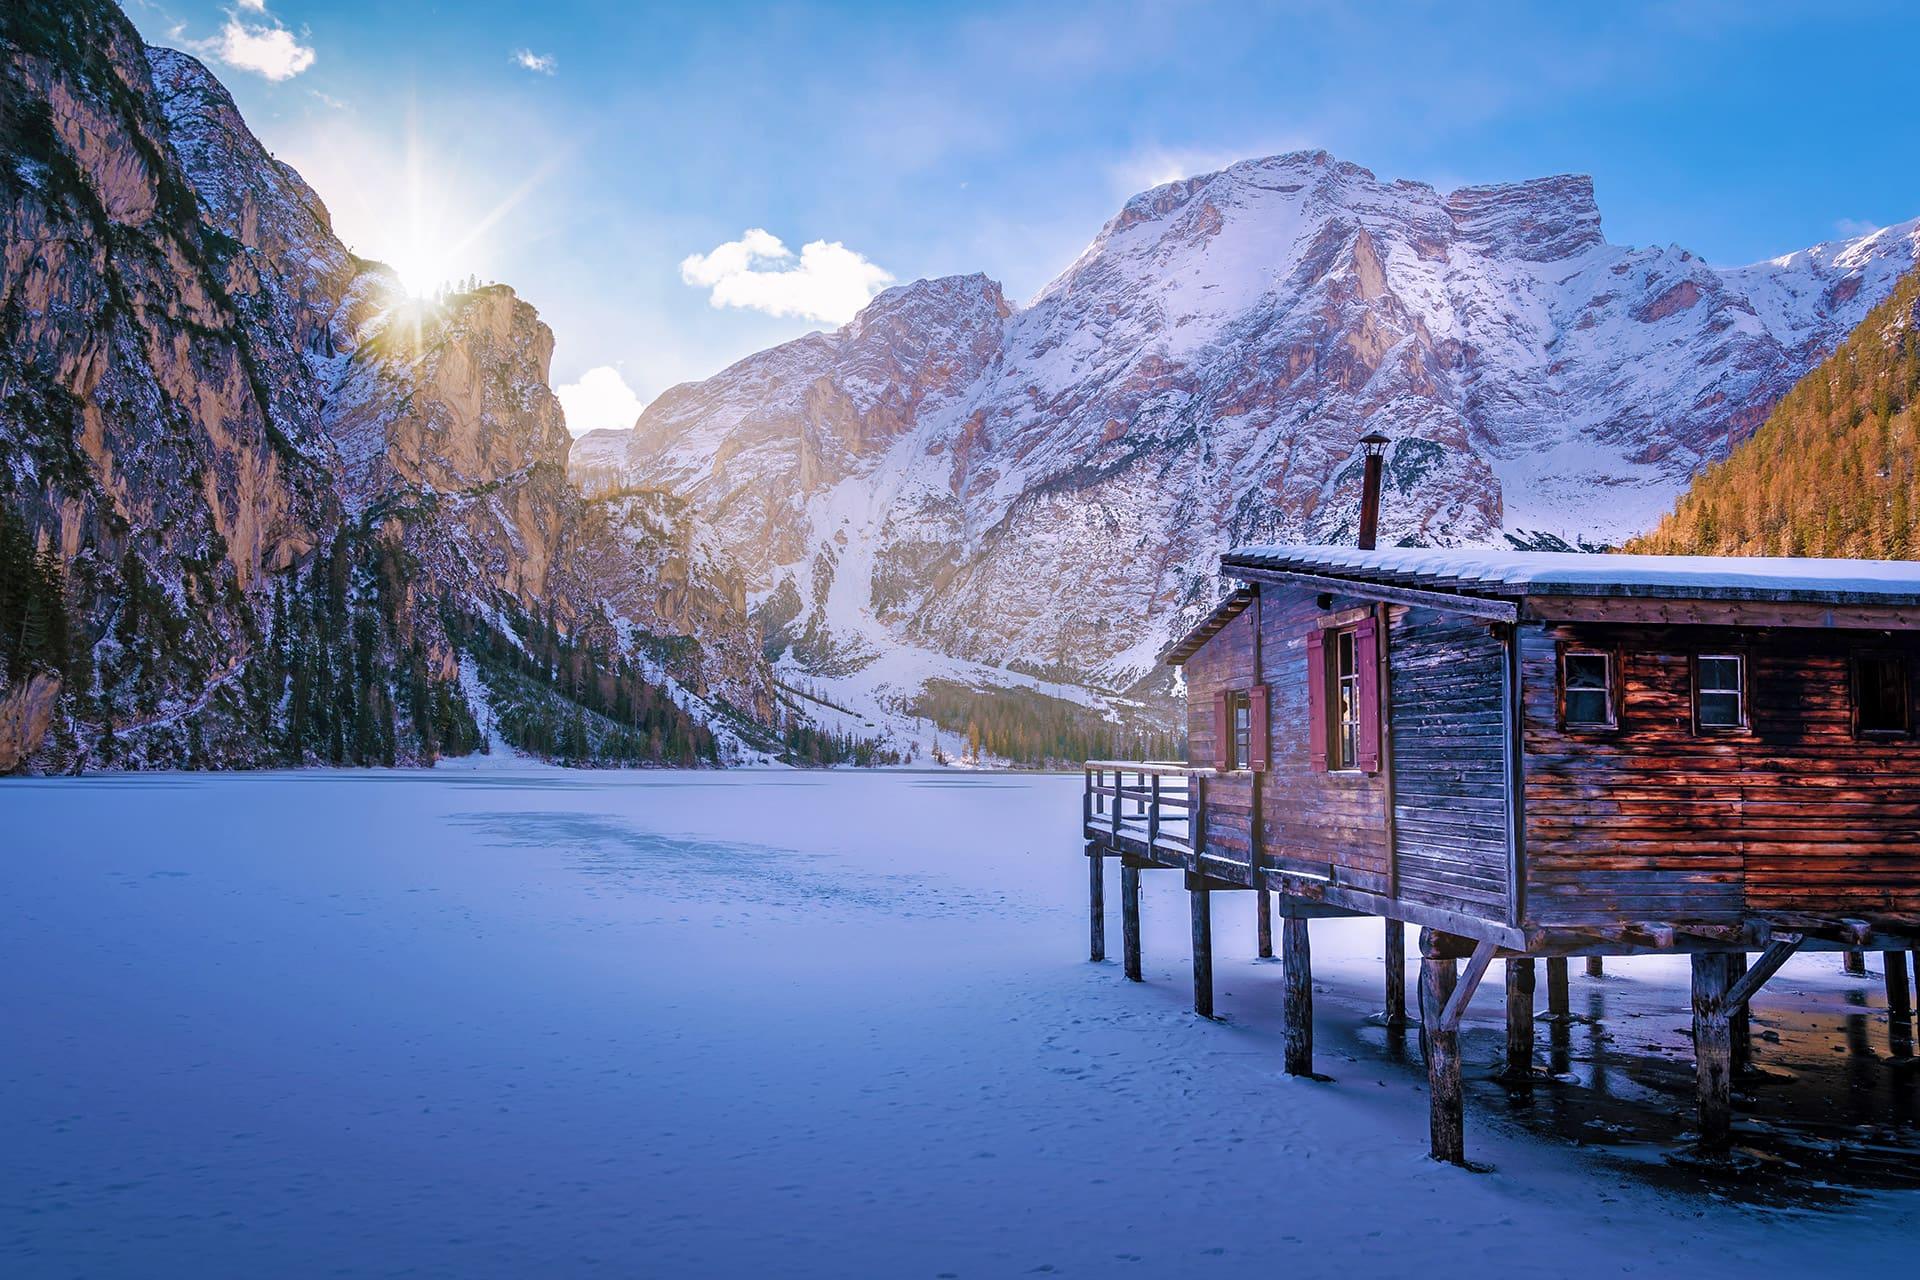 Inverno in Val Pusteria: vacanze e mercatini sulle Dolomiti